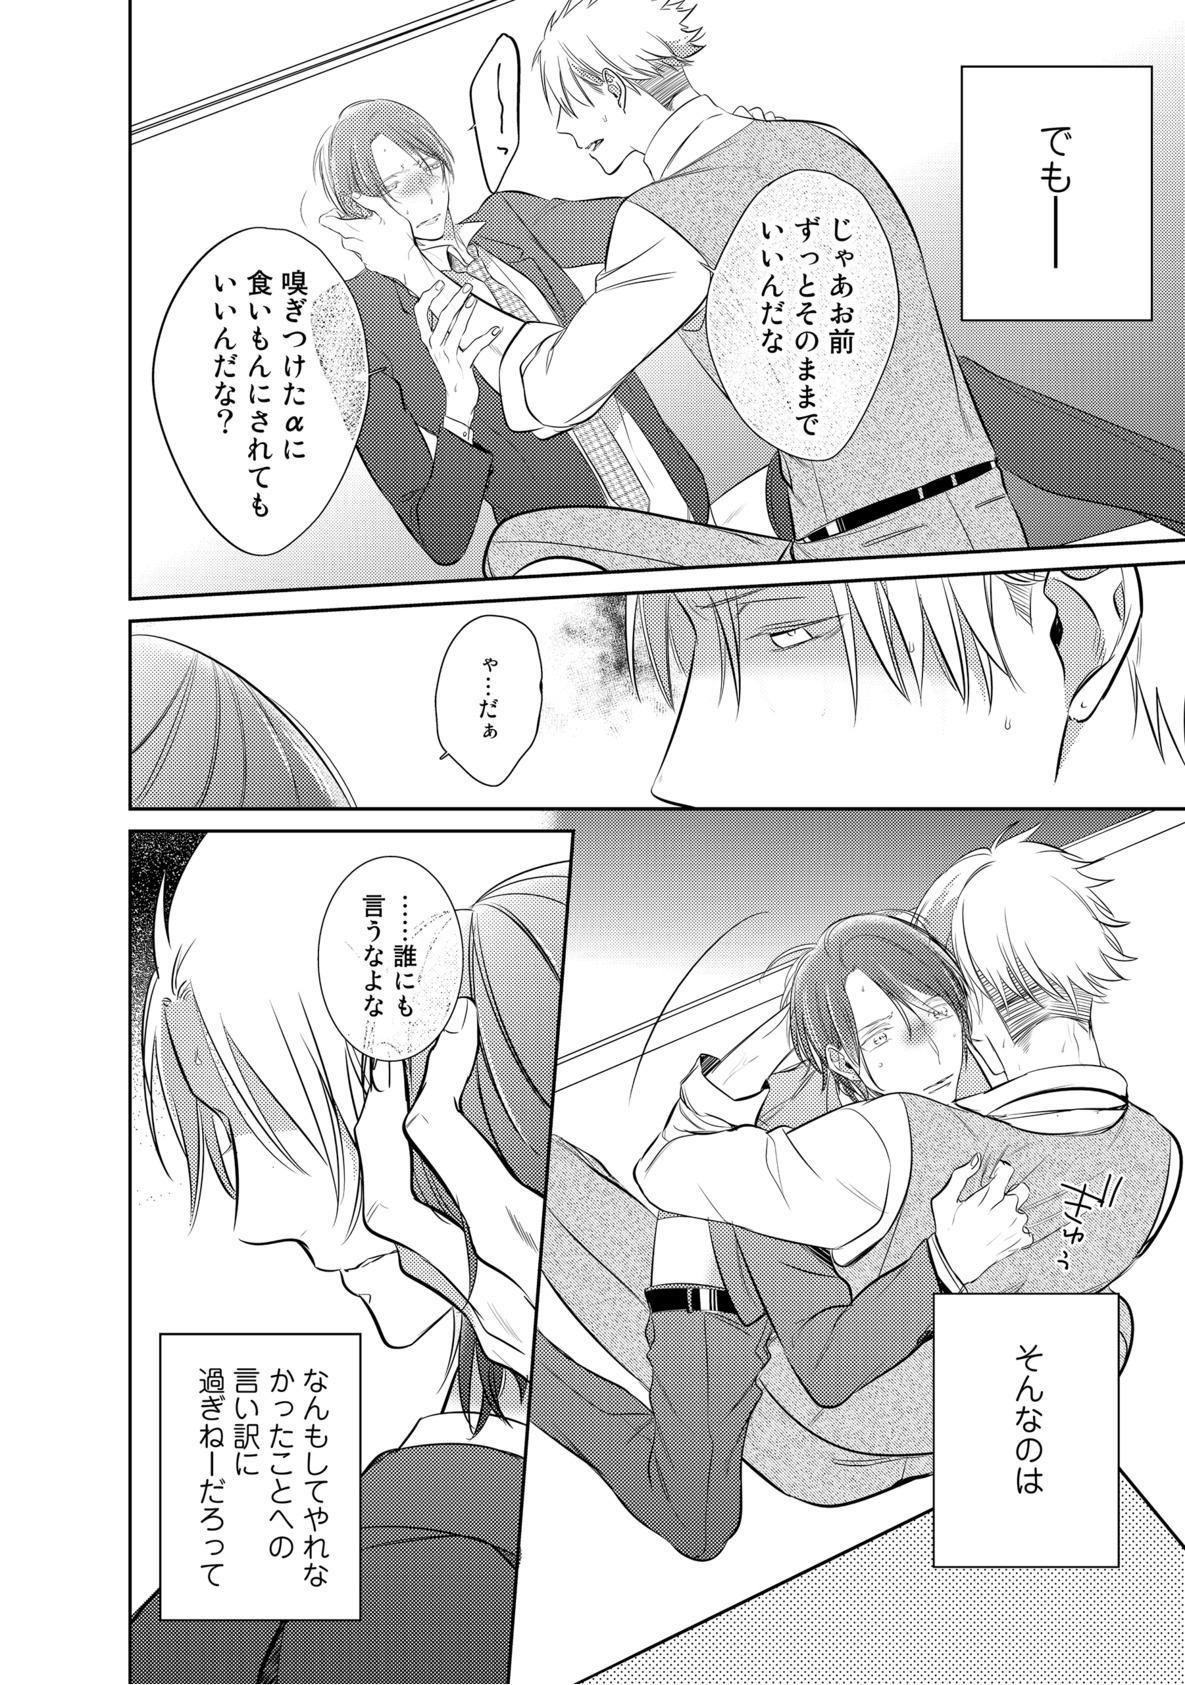 Kurui Naku no wa Boku no Ban ~ vol.2 29